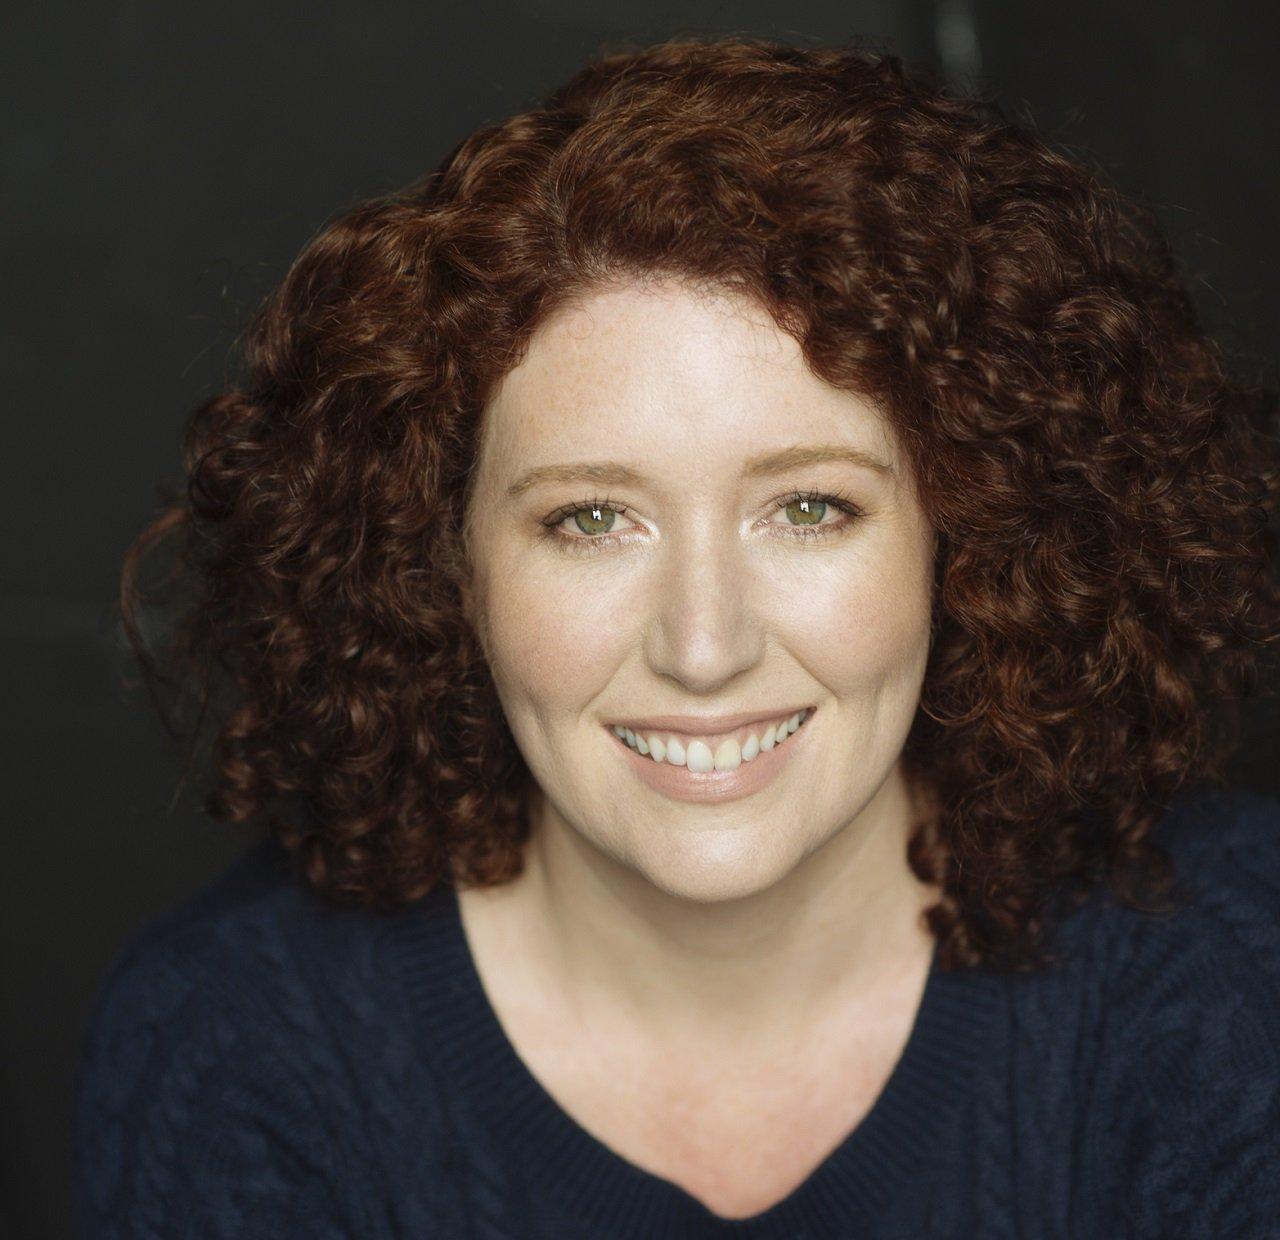 Jane harper australian crime fiction writer